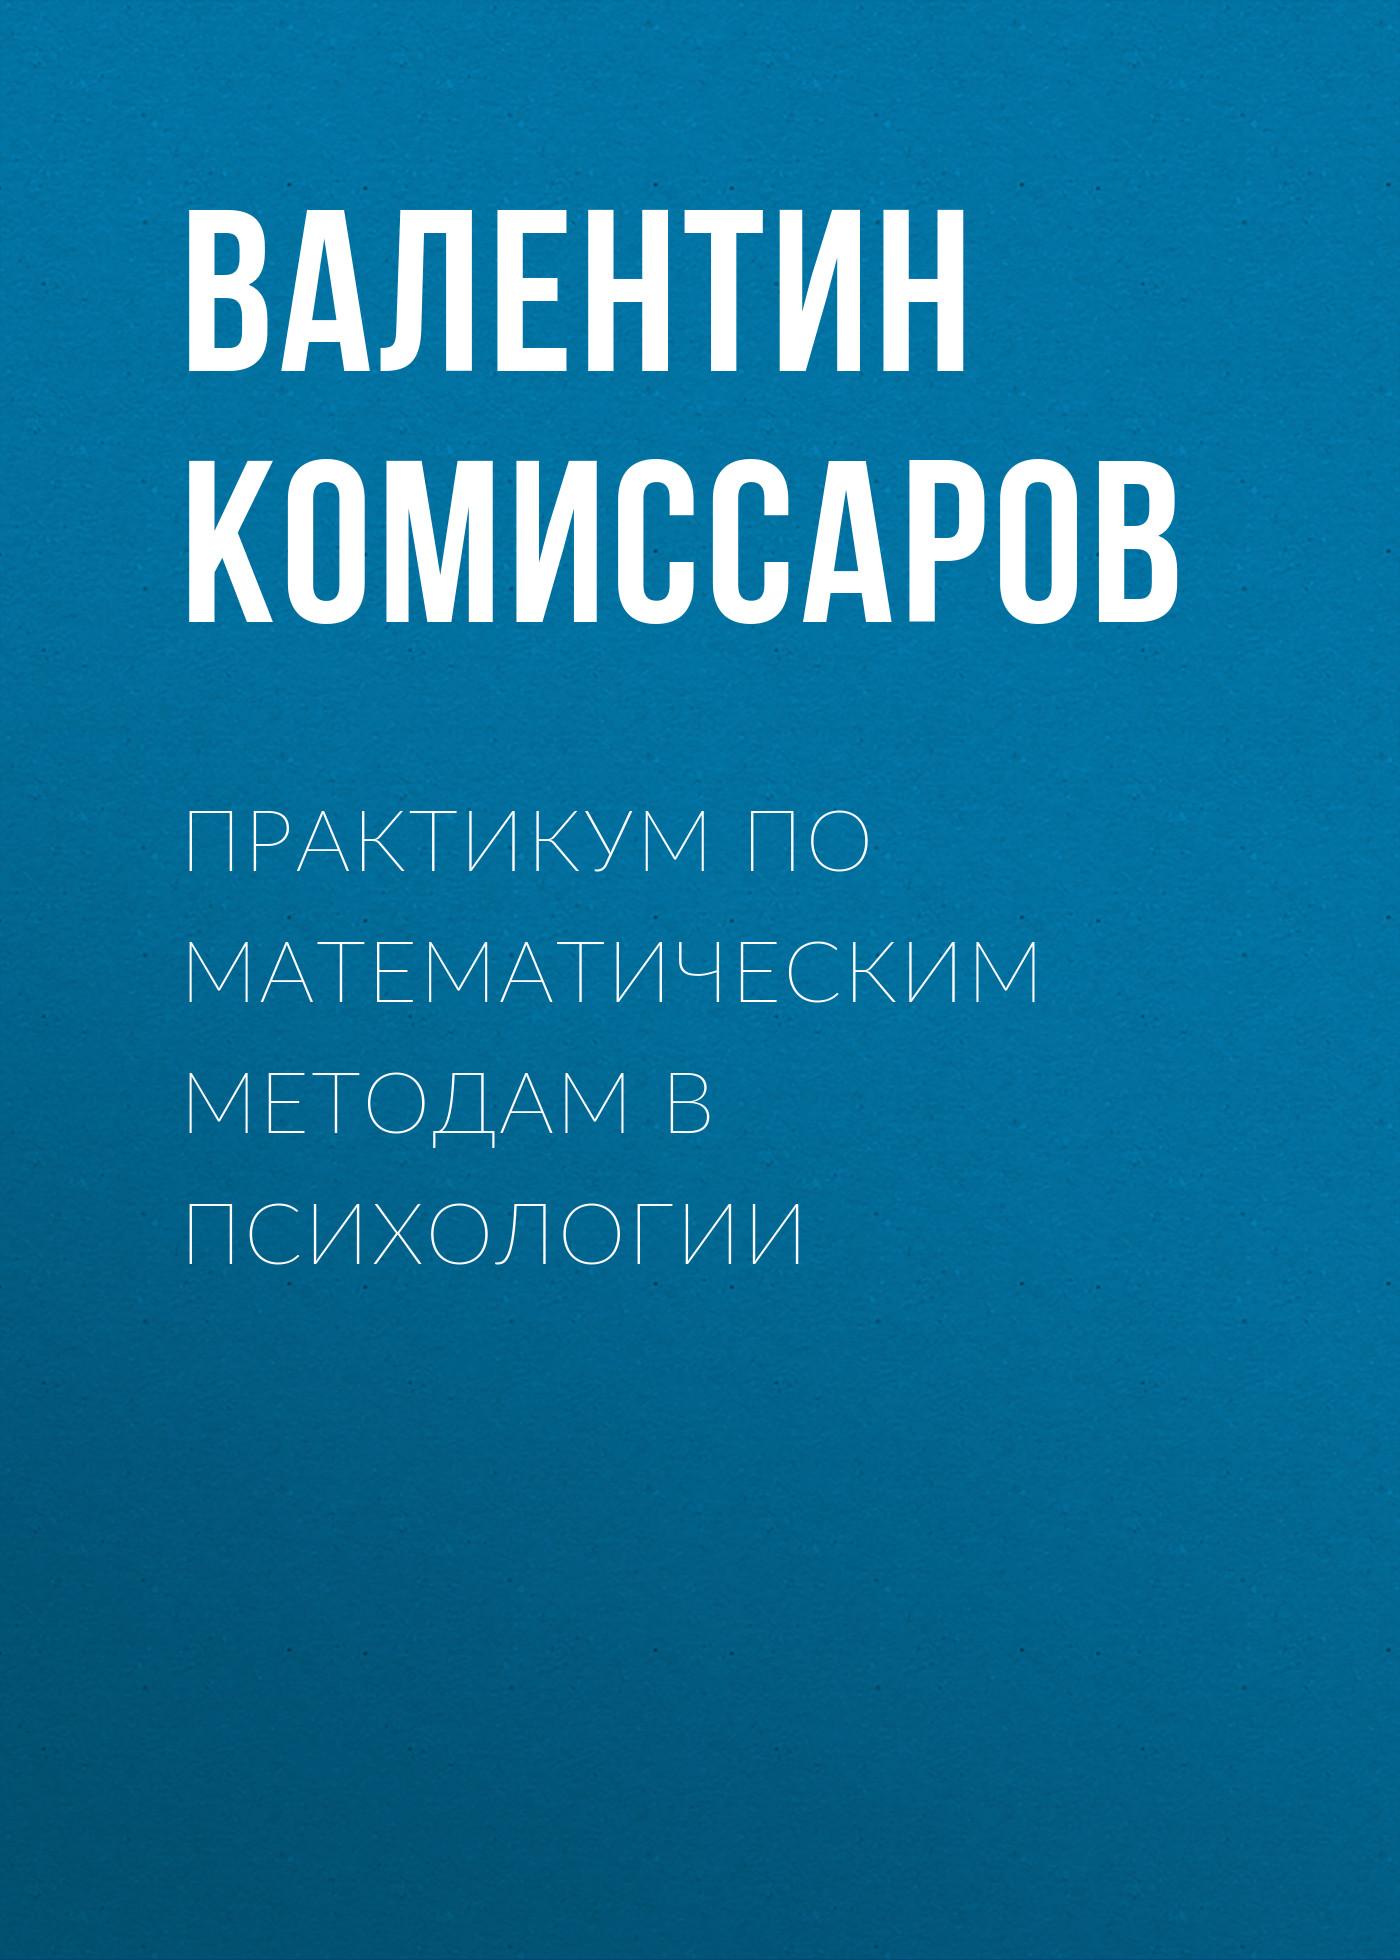 В. В. Комиссаров Практикум по математическим методам в психологии цена и фото